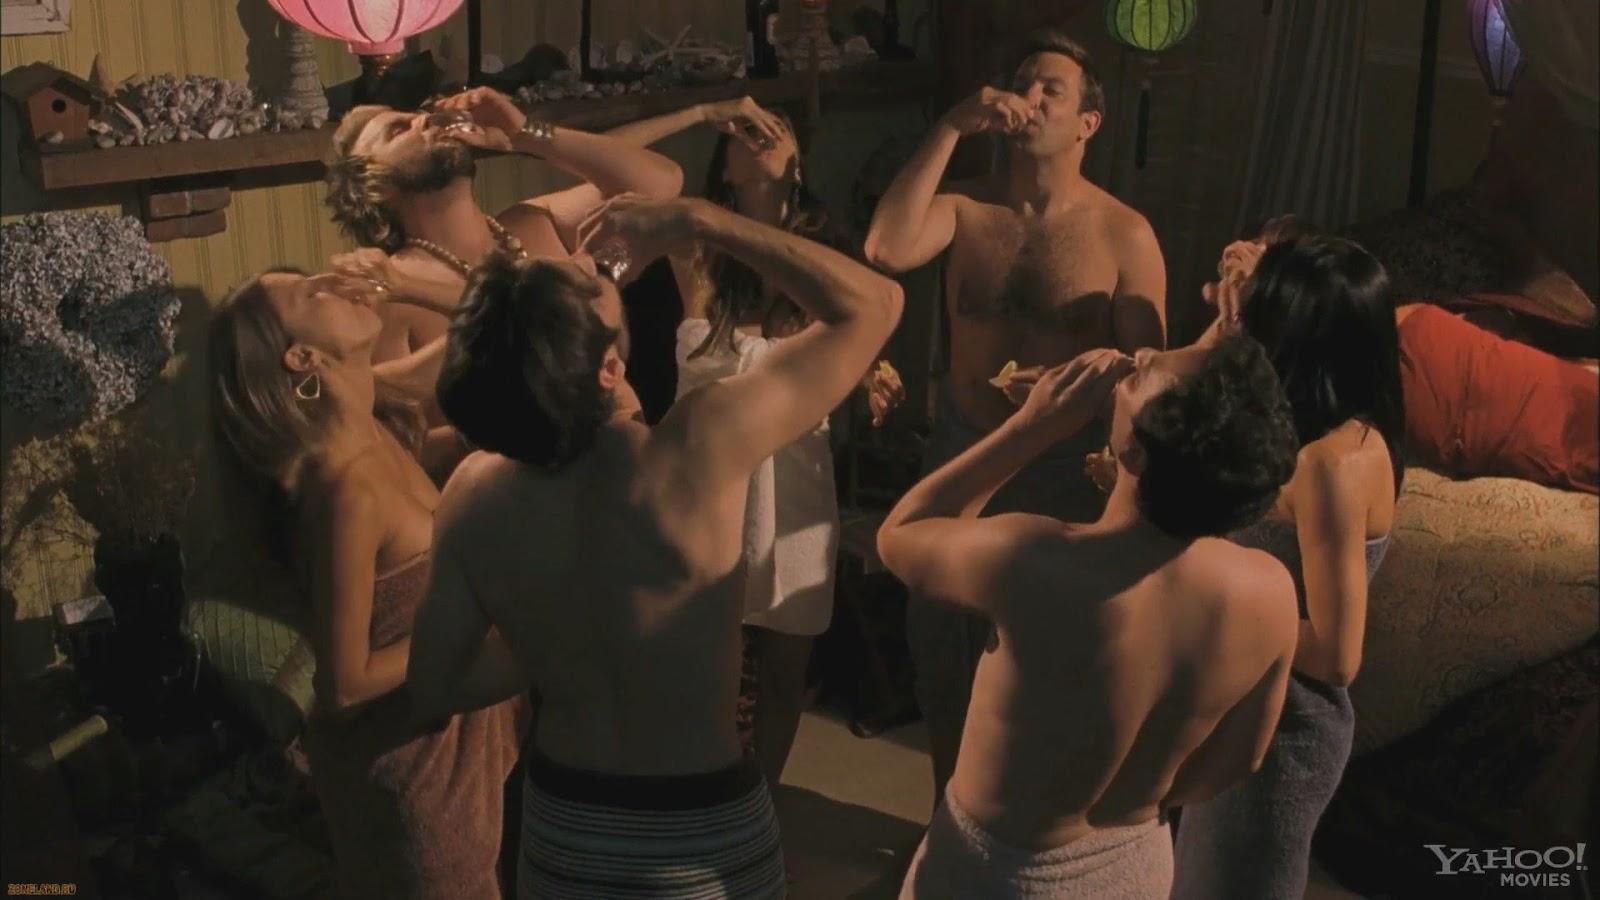 A good ol fashioned orgy